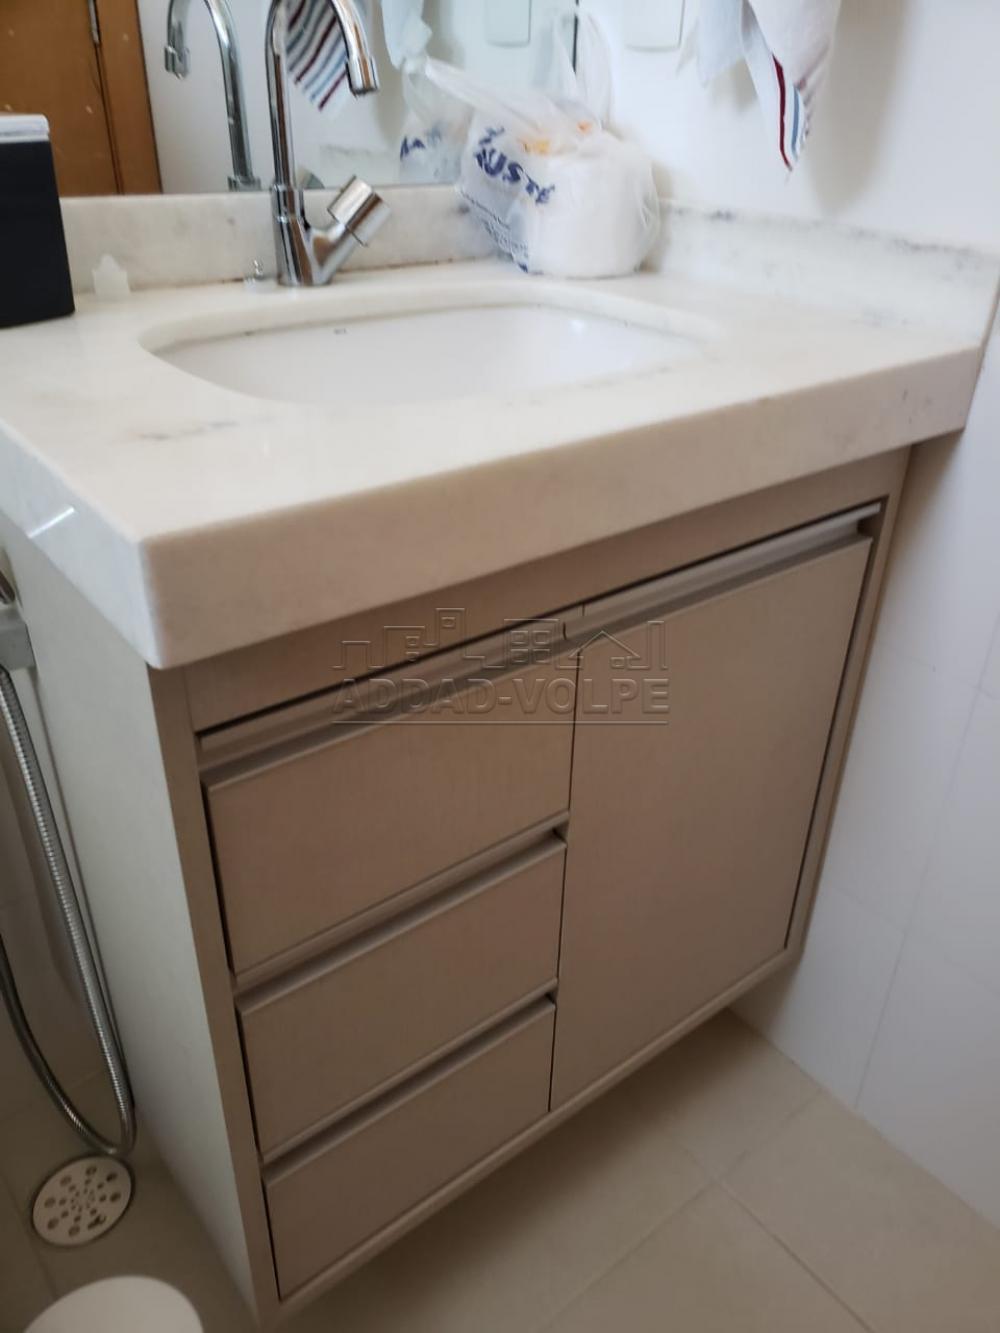 Alugar Apartamento / Padrão em Bauru R$ 1.200,00 - Foto 14